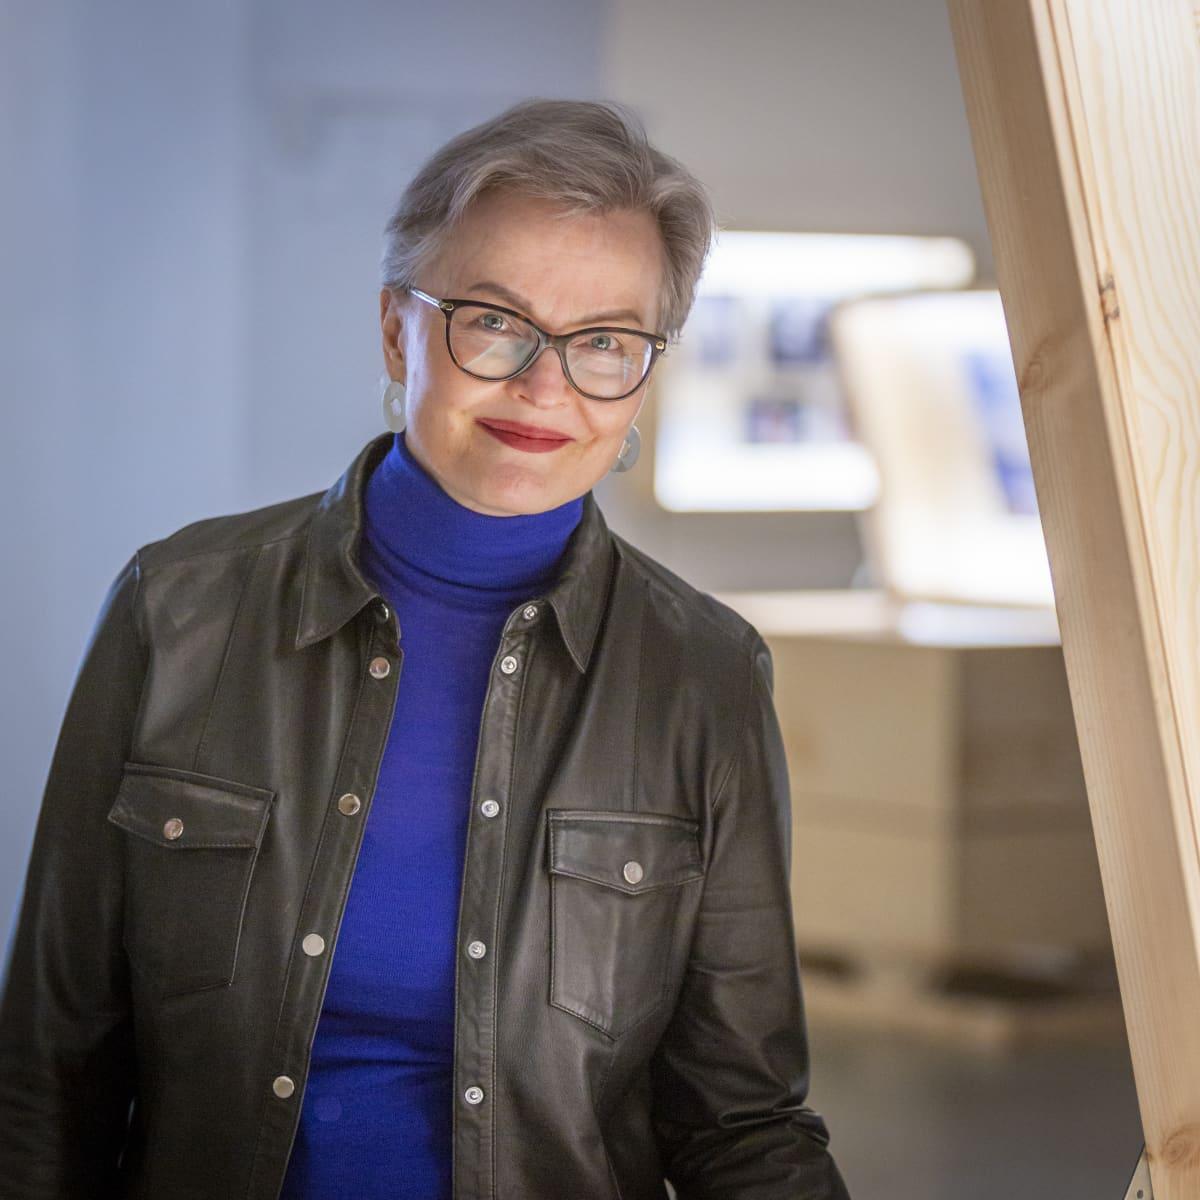 Designmuseon asiakaspalvelupäällikkö Kirsi Arppo.